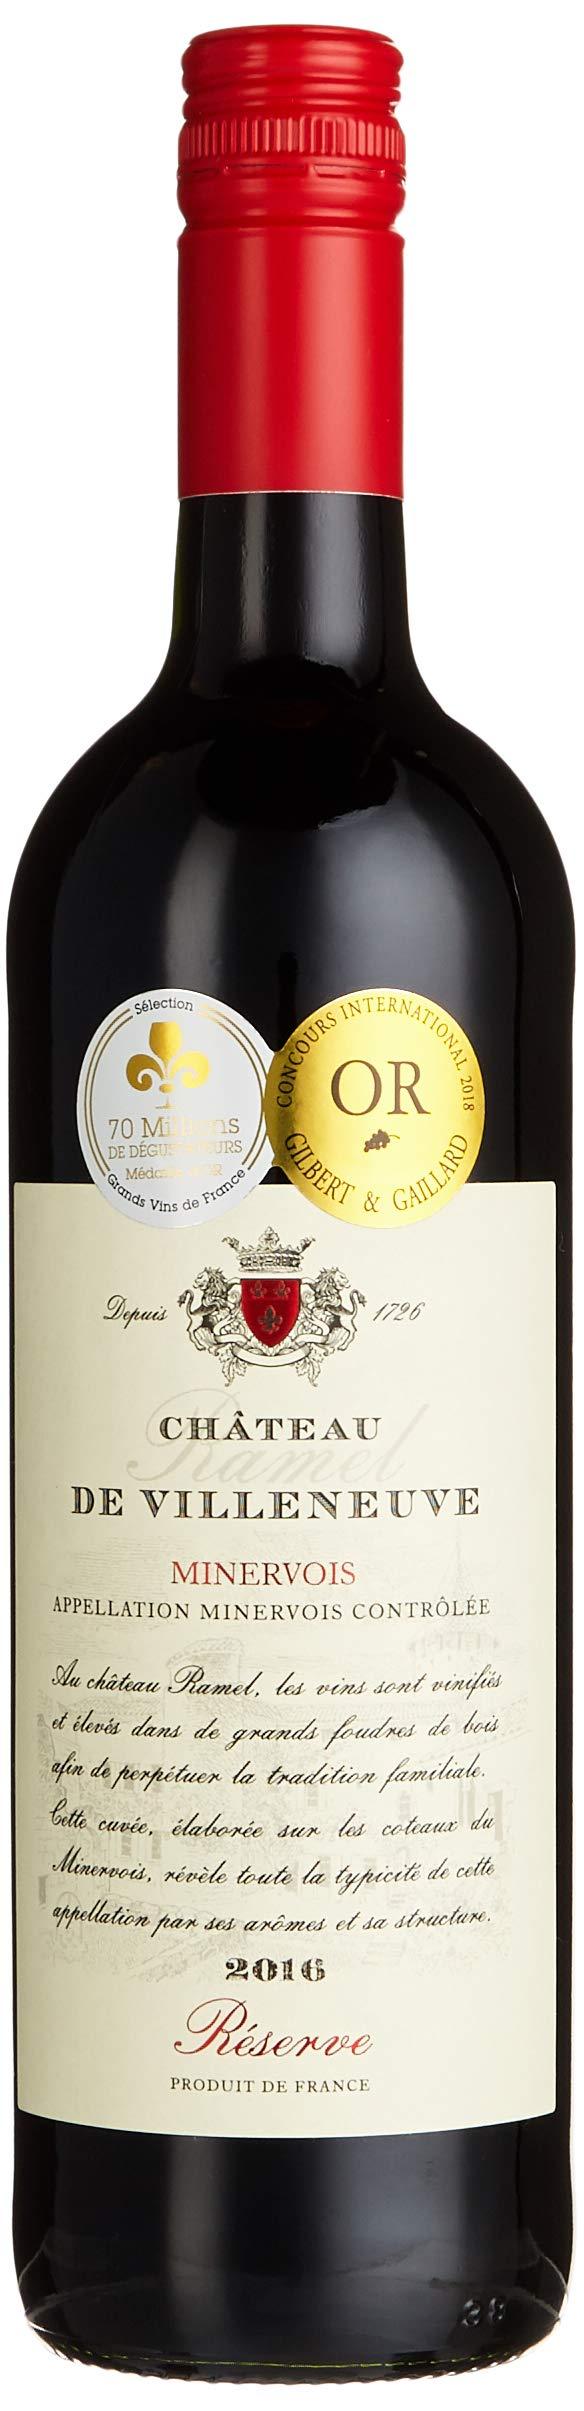 Chteau-Ramel-de-Villeneuve-RSERVE-Minervois-AOC-Mis-en-bouteille–la-proprit-Cuve-Trocken-3-x-075-l